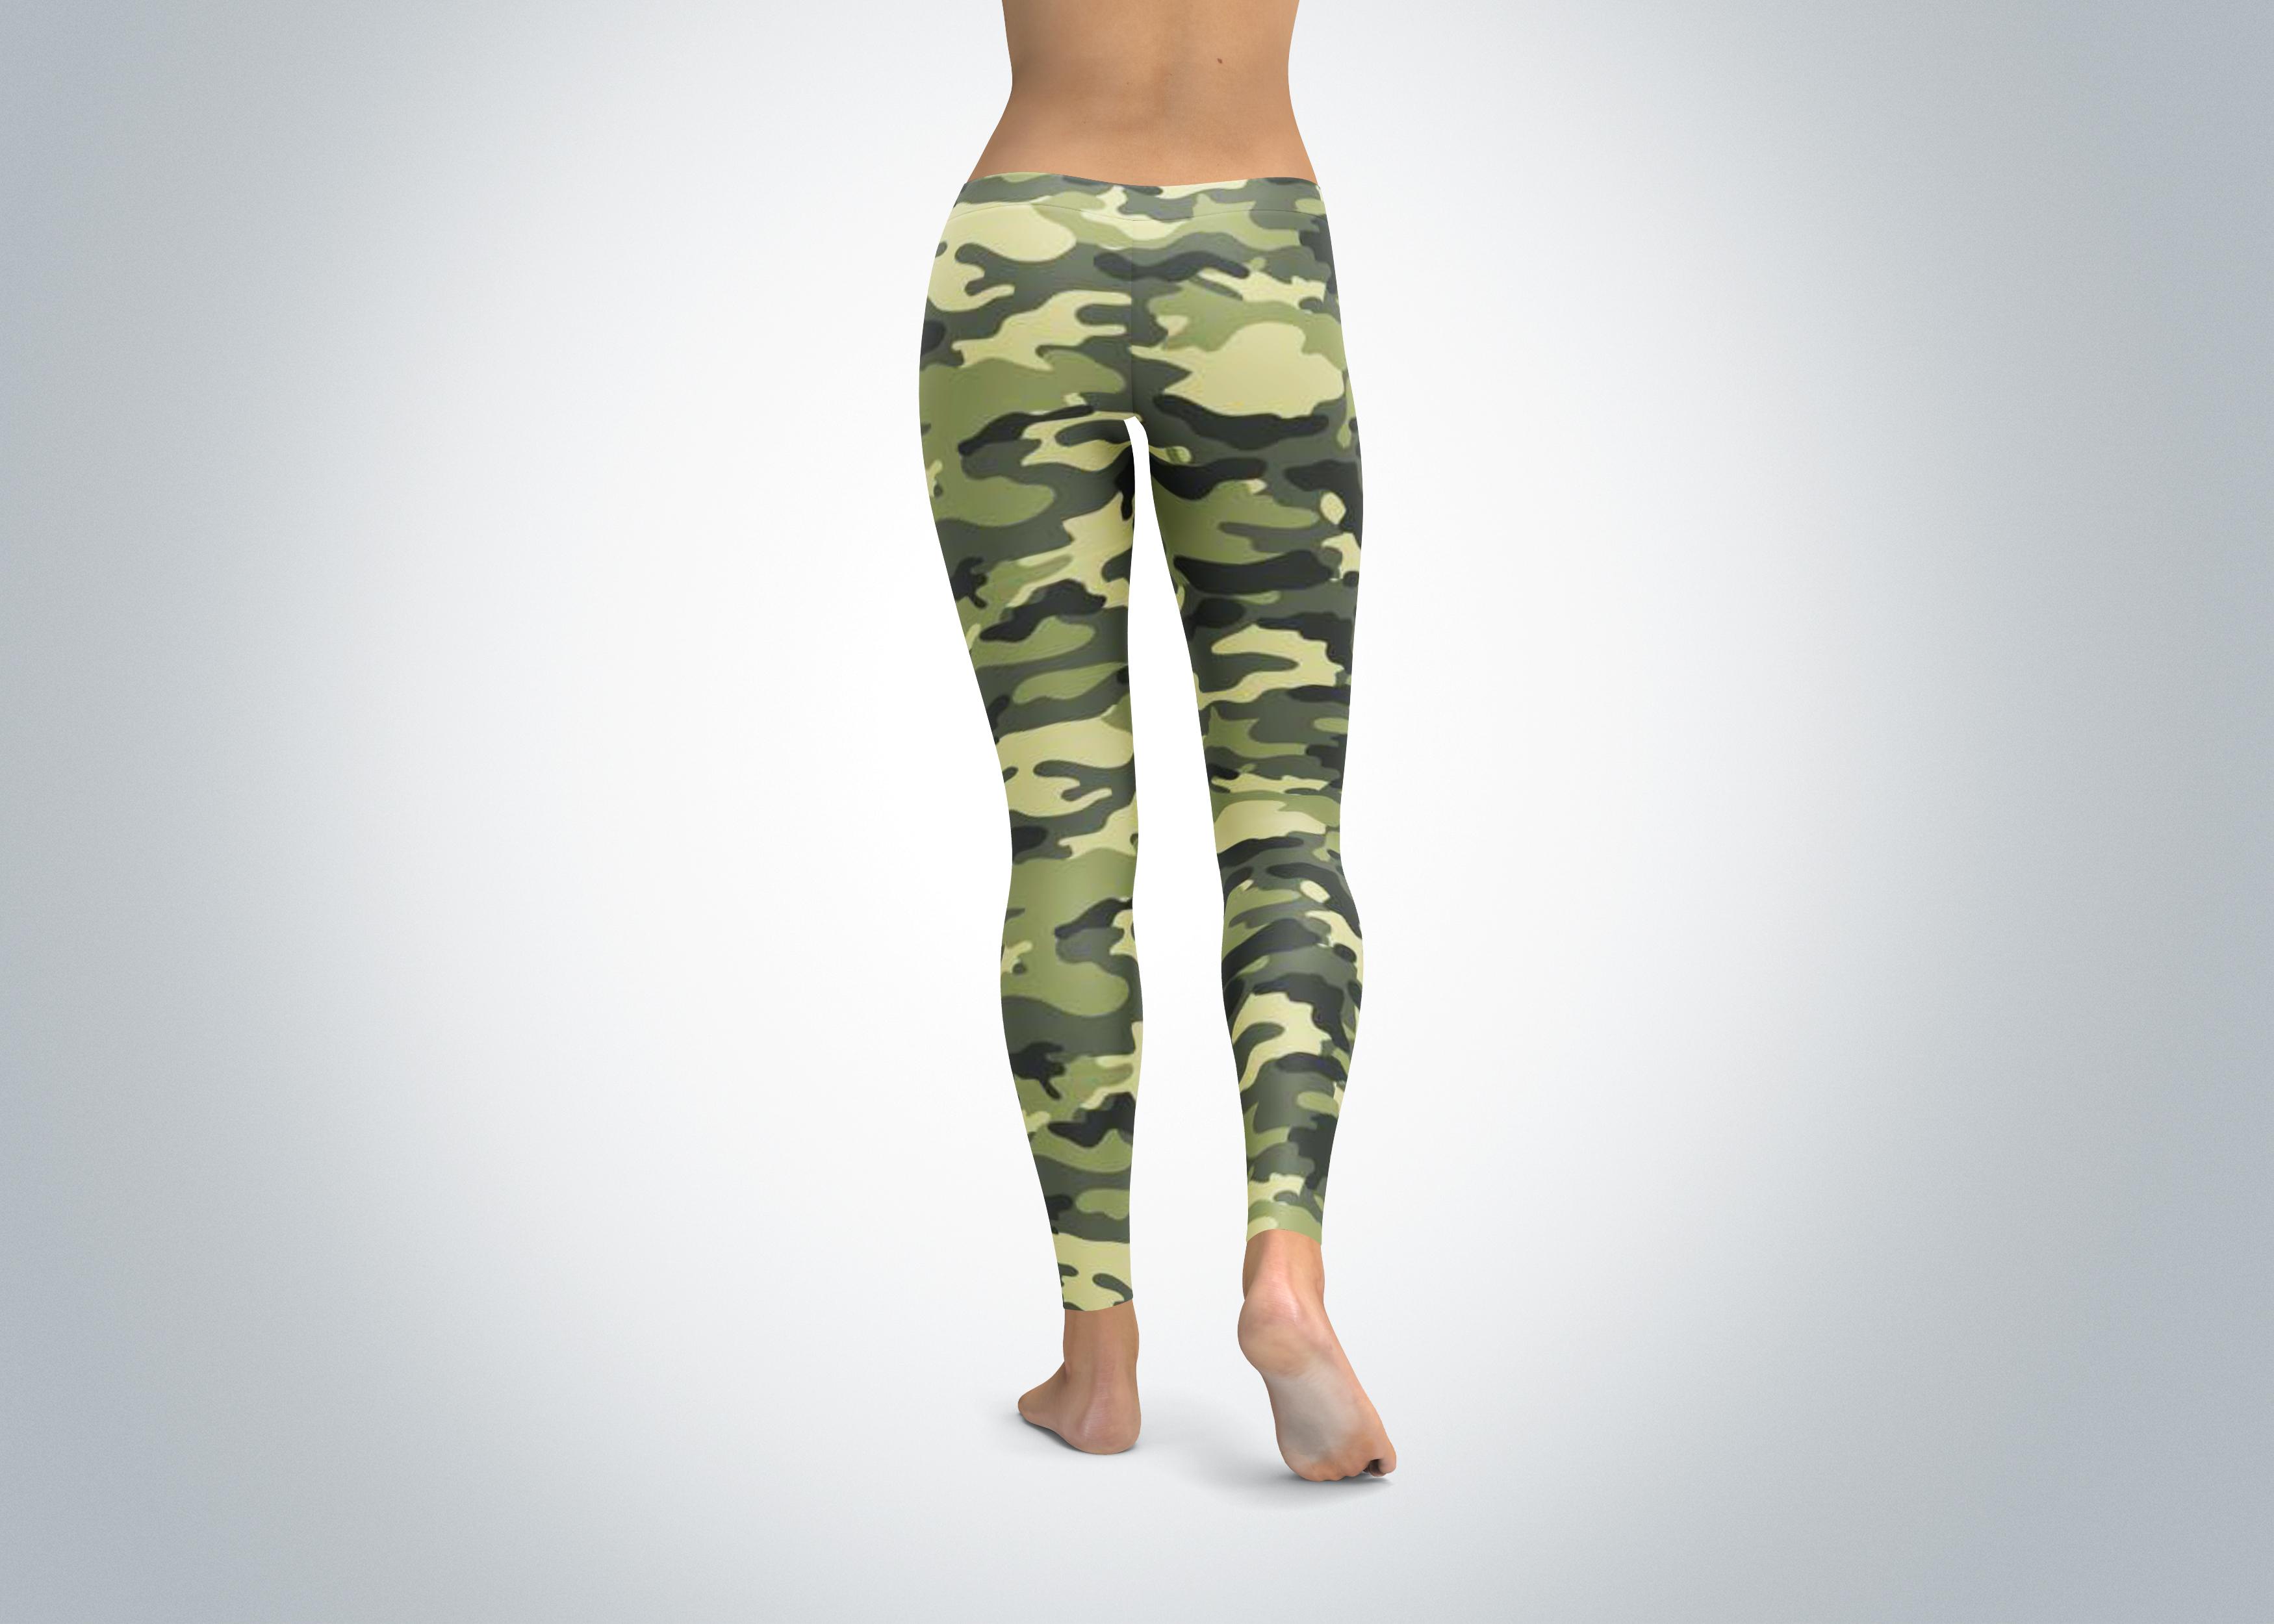 Camouflage Leggings Spirit West Designs